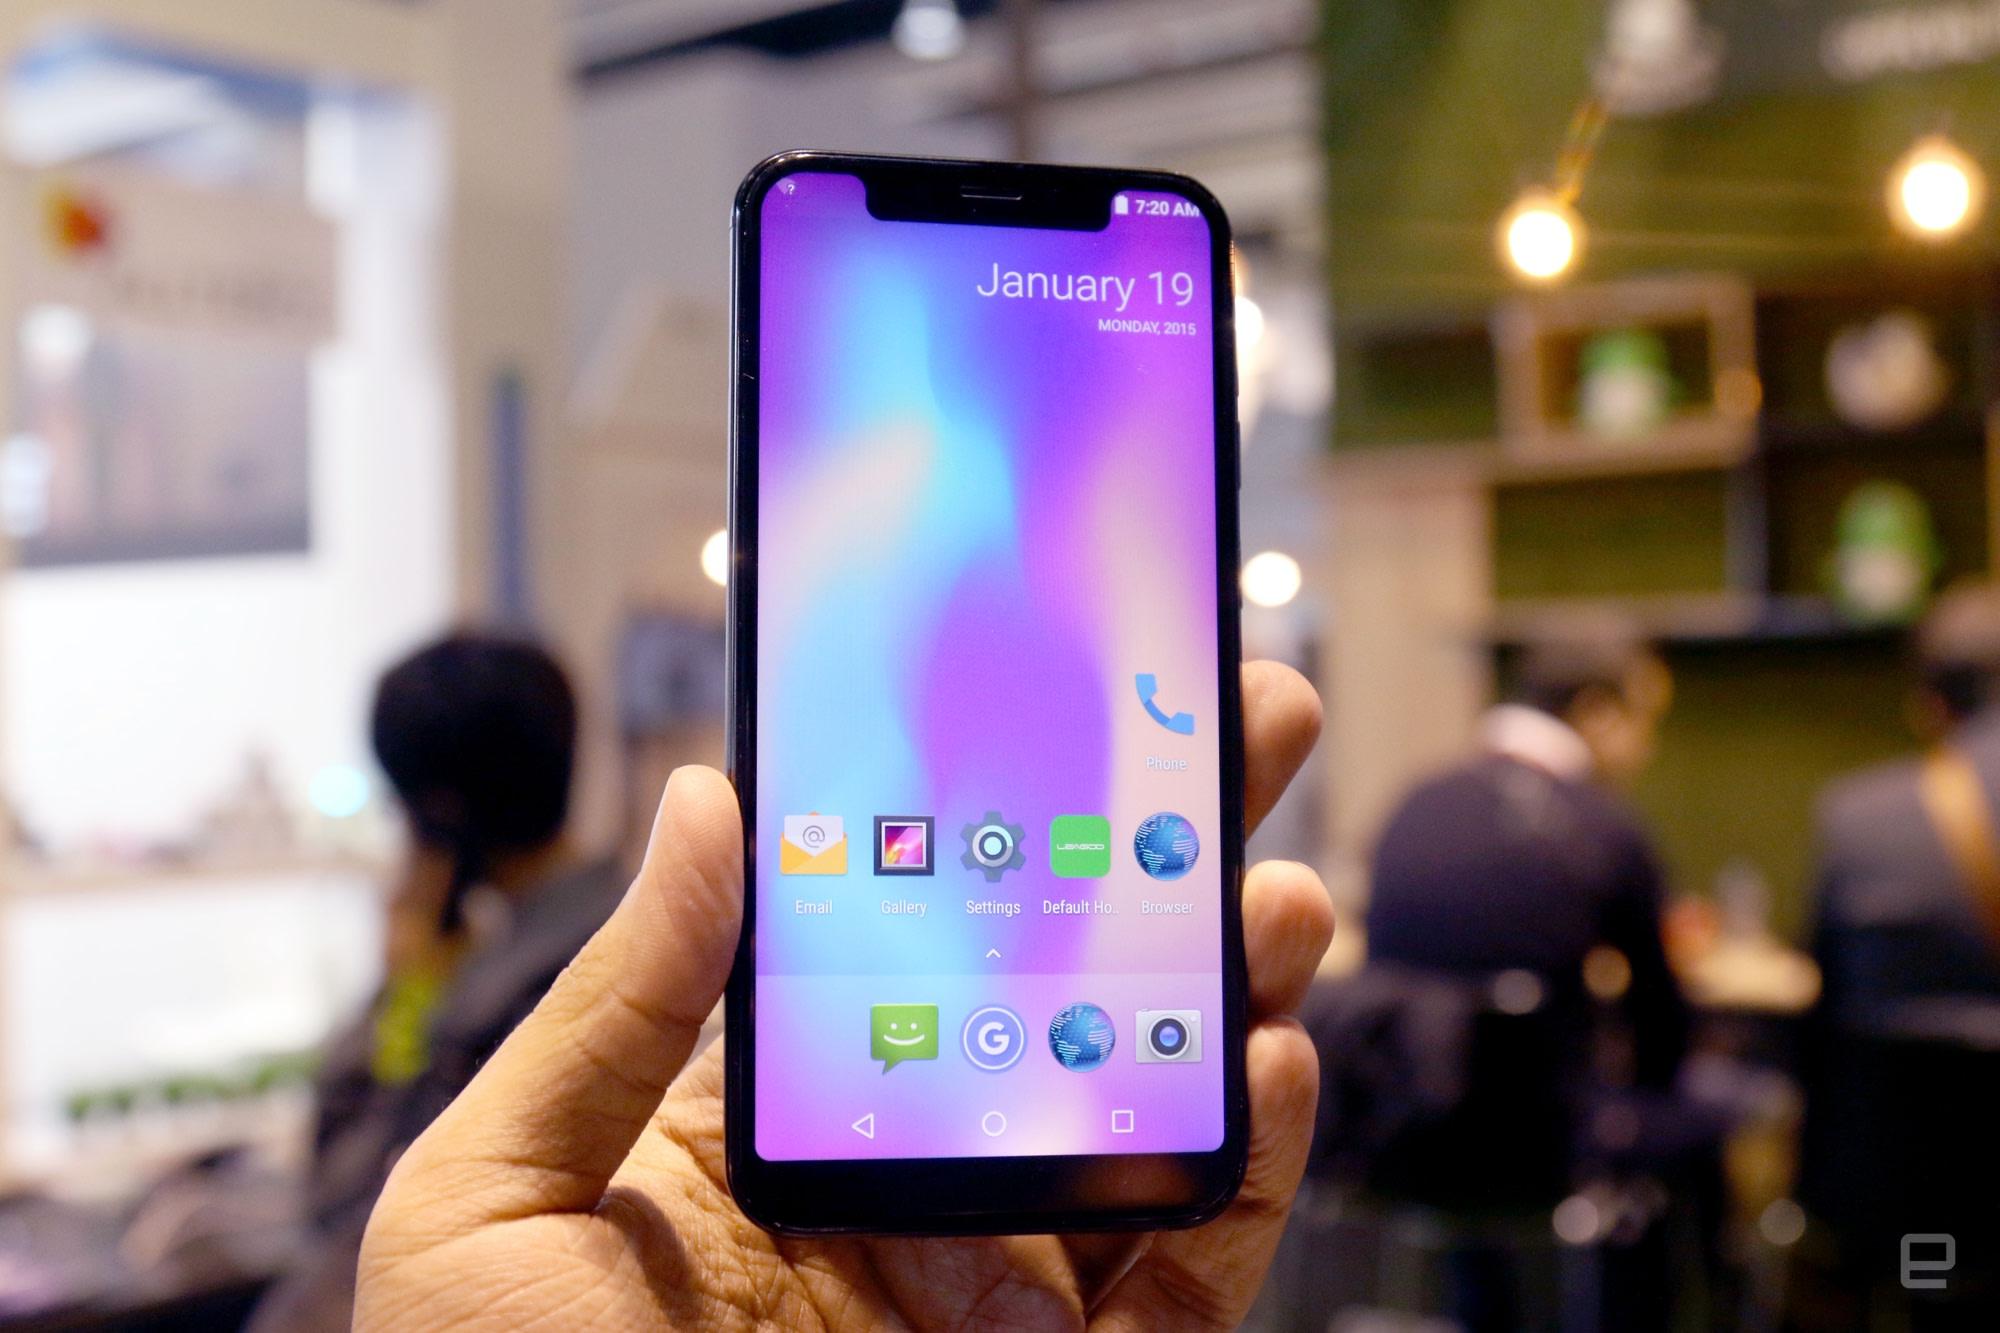 Dizajn telefónu (najmä z prednej strany) až priveľmi pripomína iPhone X predstavený minulý rok v septembri - svetapple.sk